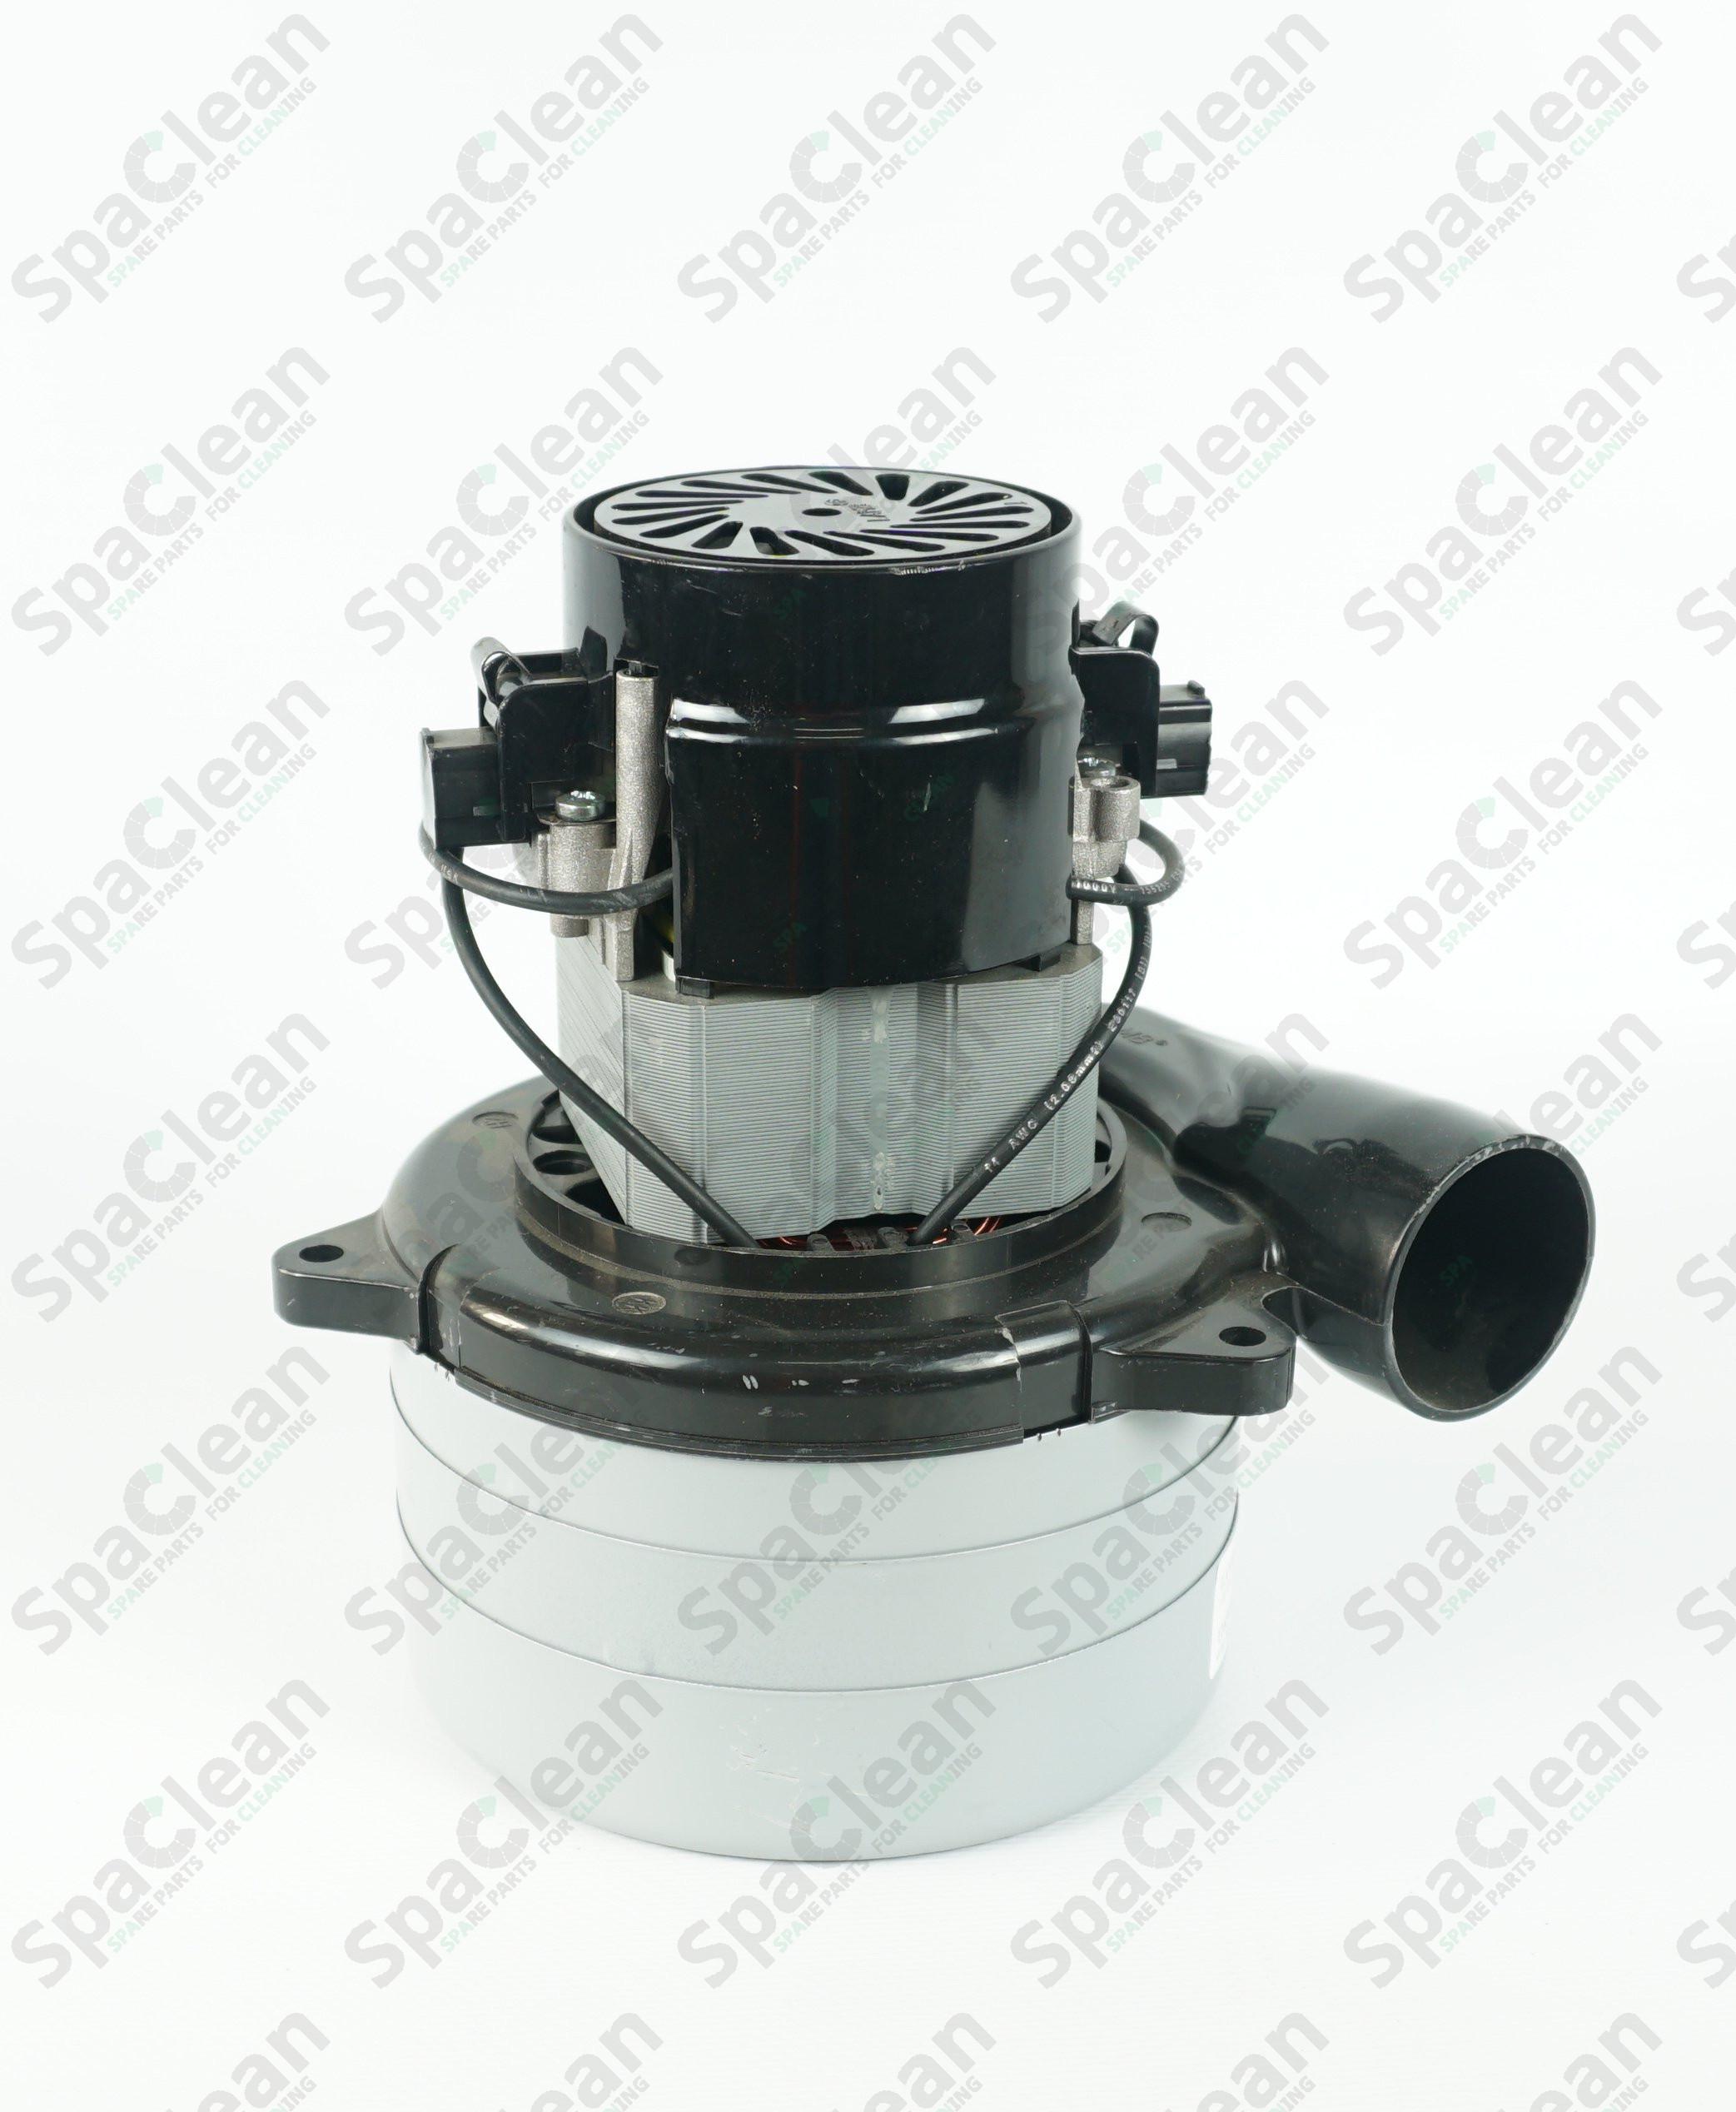 Вакуумный мотор Lamb Ametek 24V 650W Трехстадийный для Nilfisk BA 600 SC